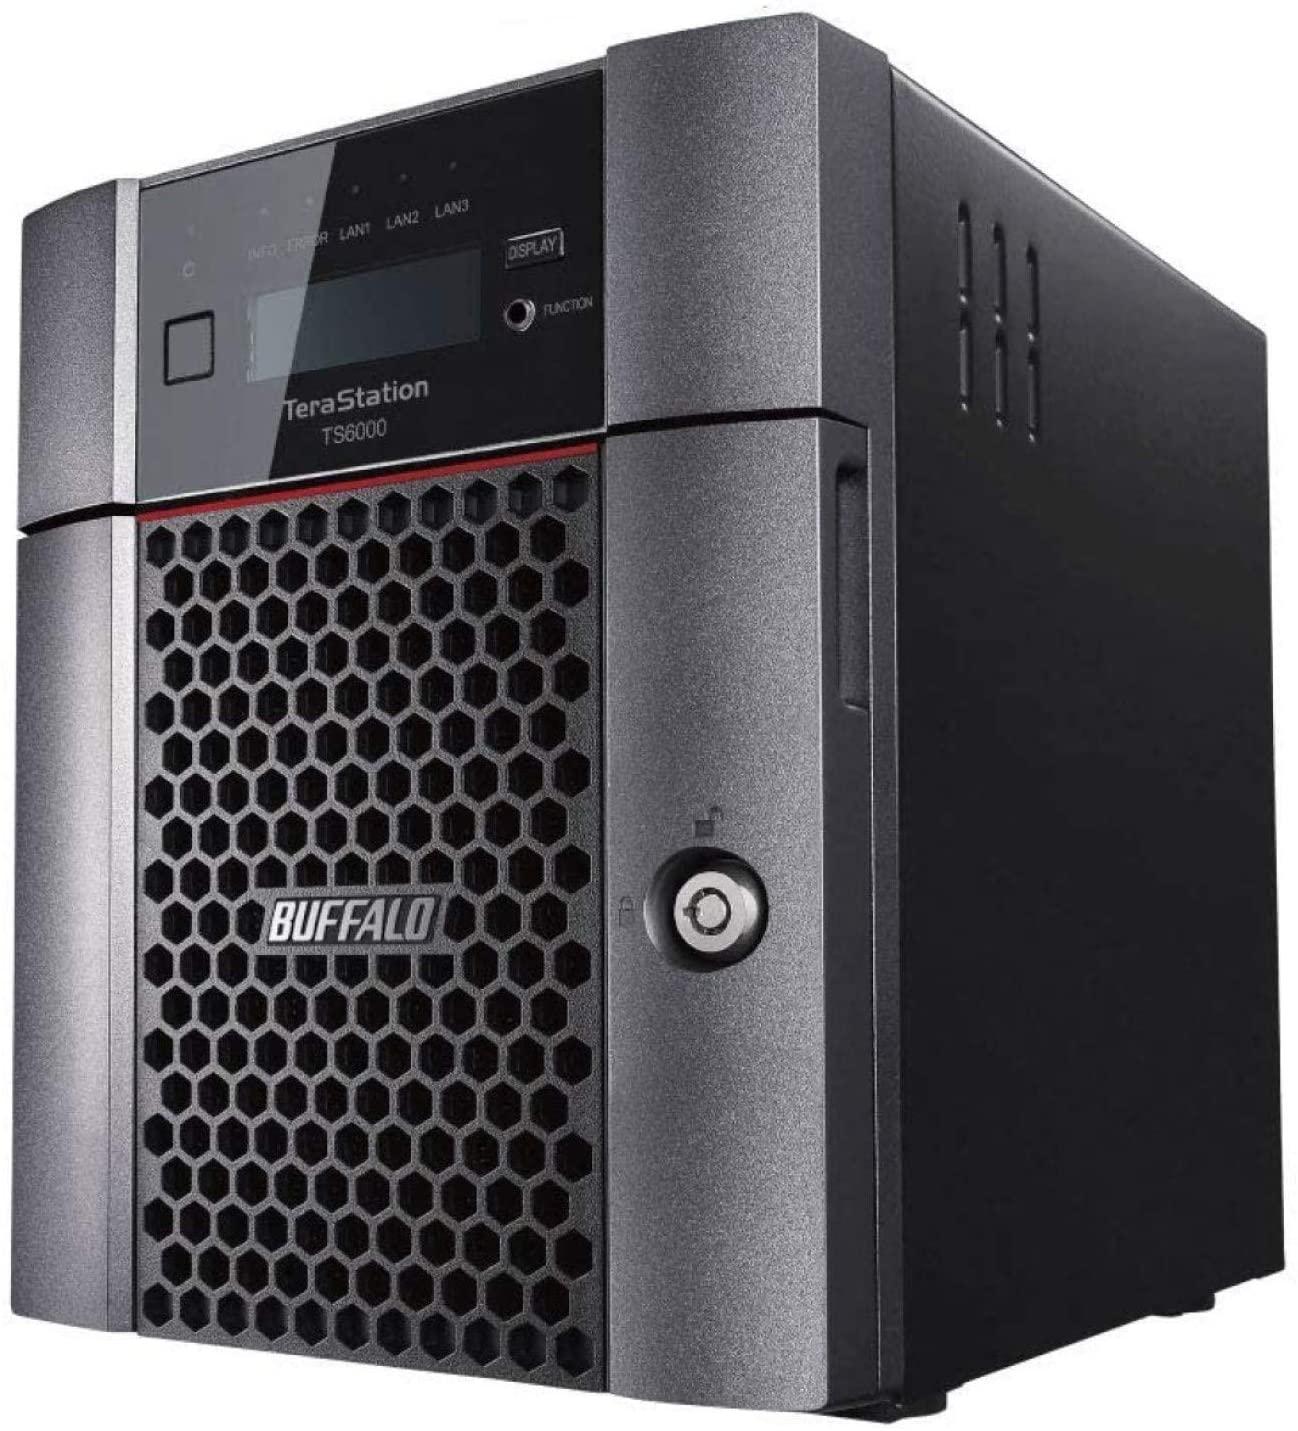 BUFFALO TeraStation 6400DN 16TB Desktop NAS Hard Drives Included + Snapshot (TS6400DN1604)